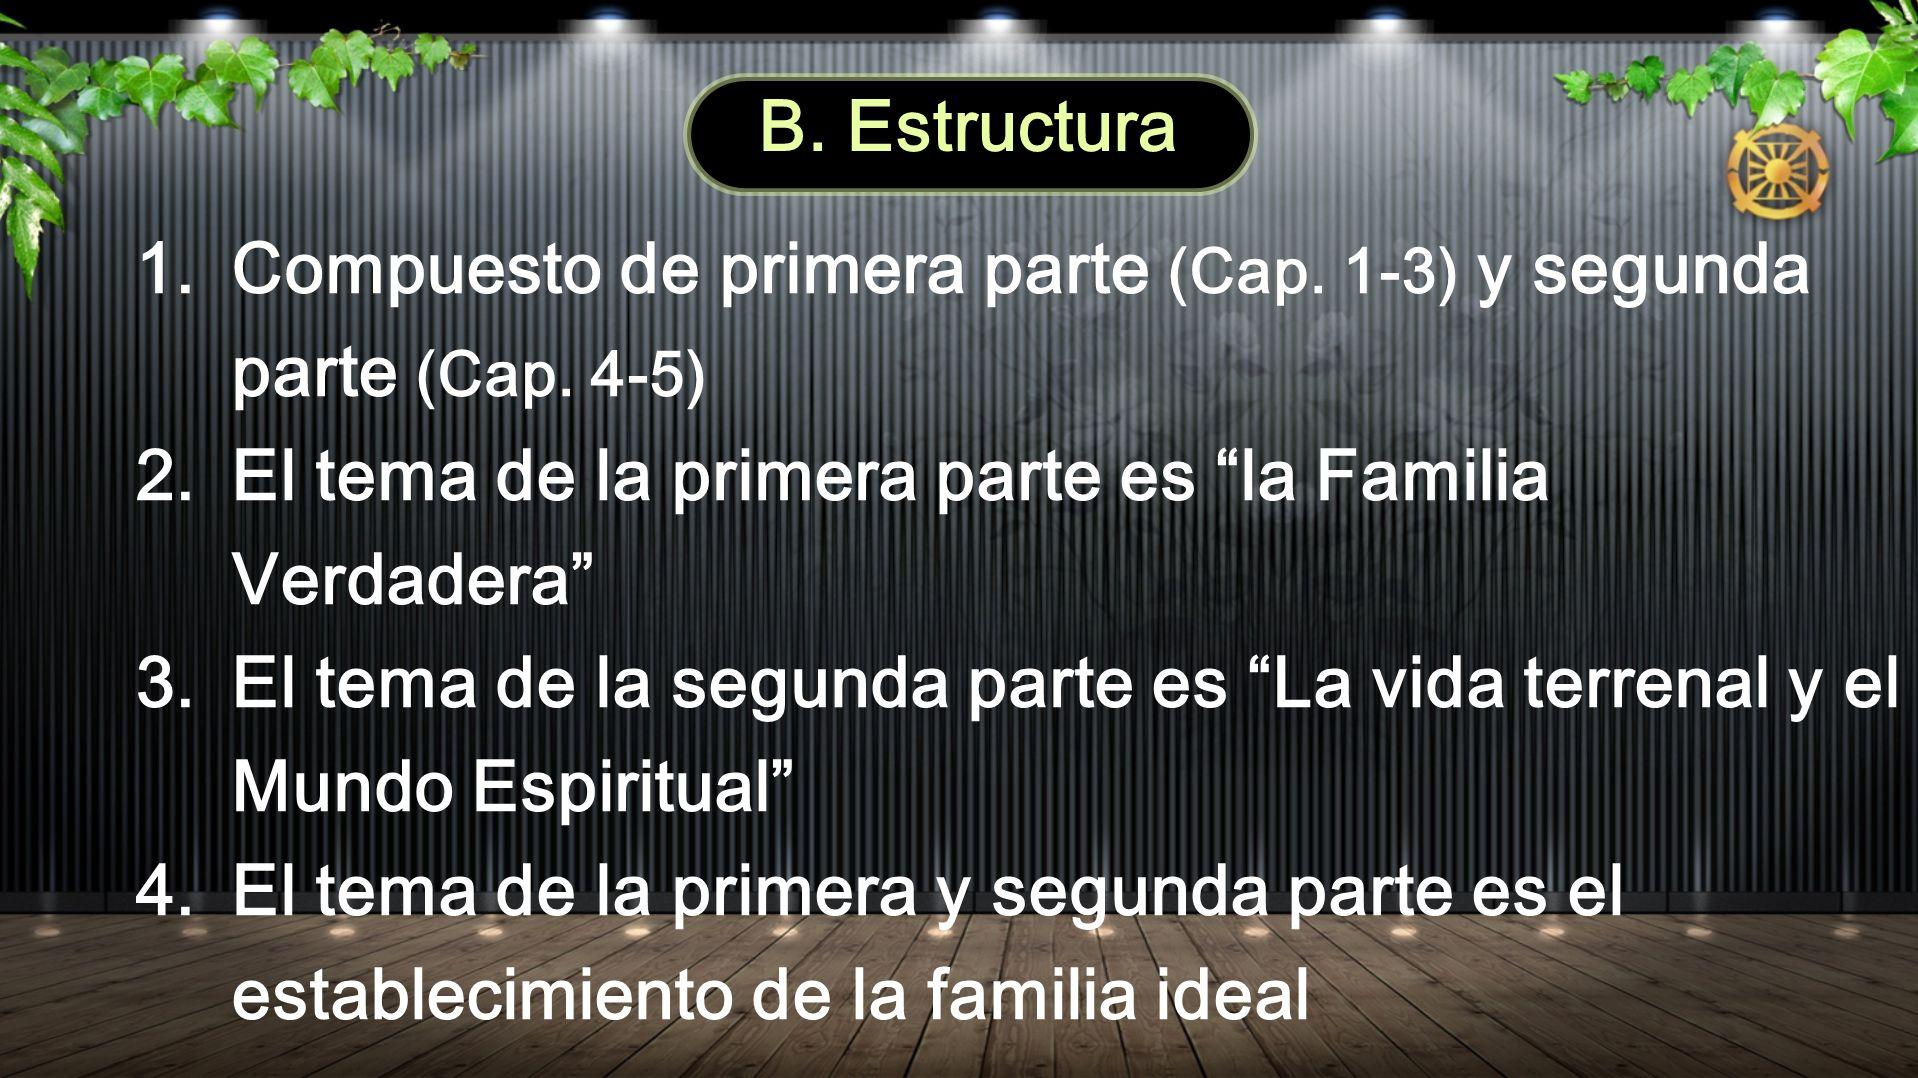 1.Compuesto de primera parte (Cap. 1-3) y segunda parte (Cap.